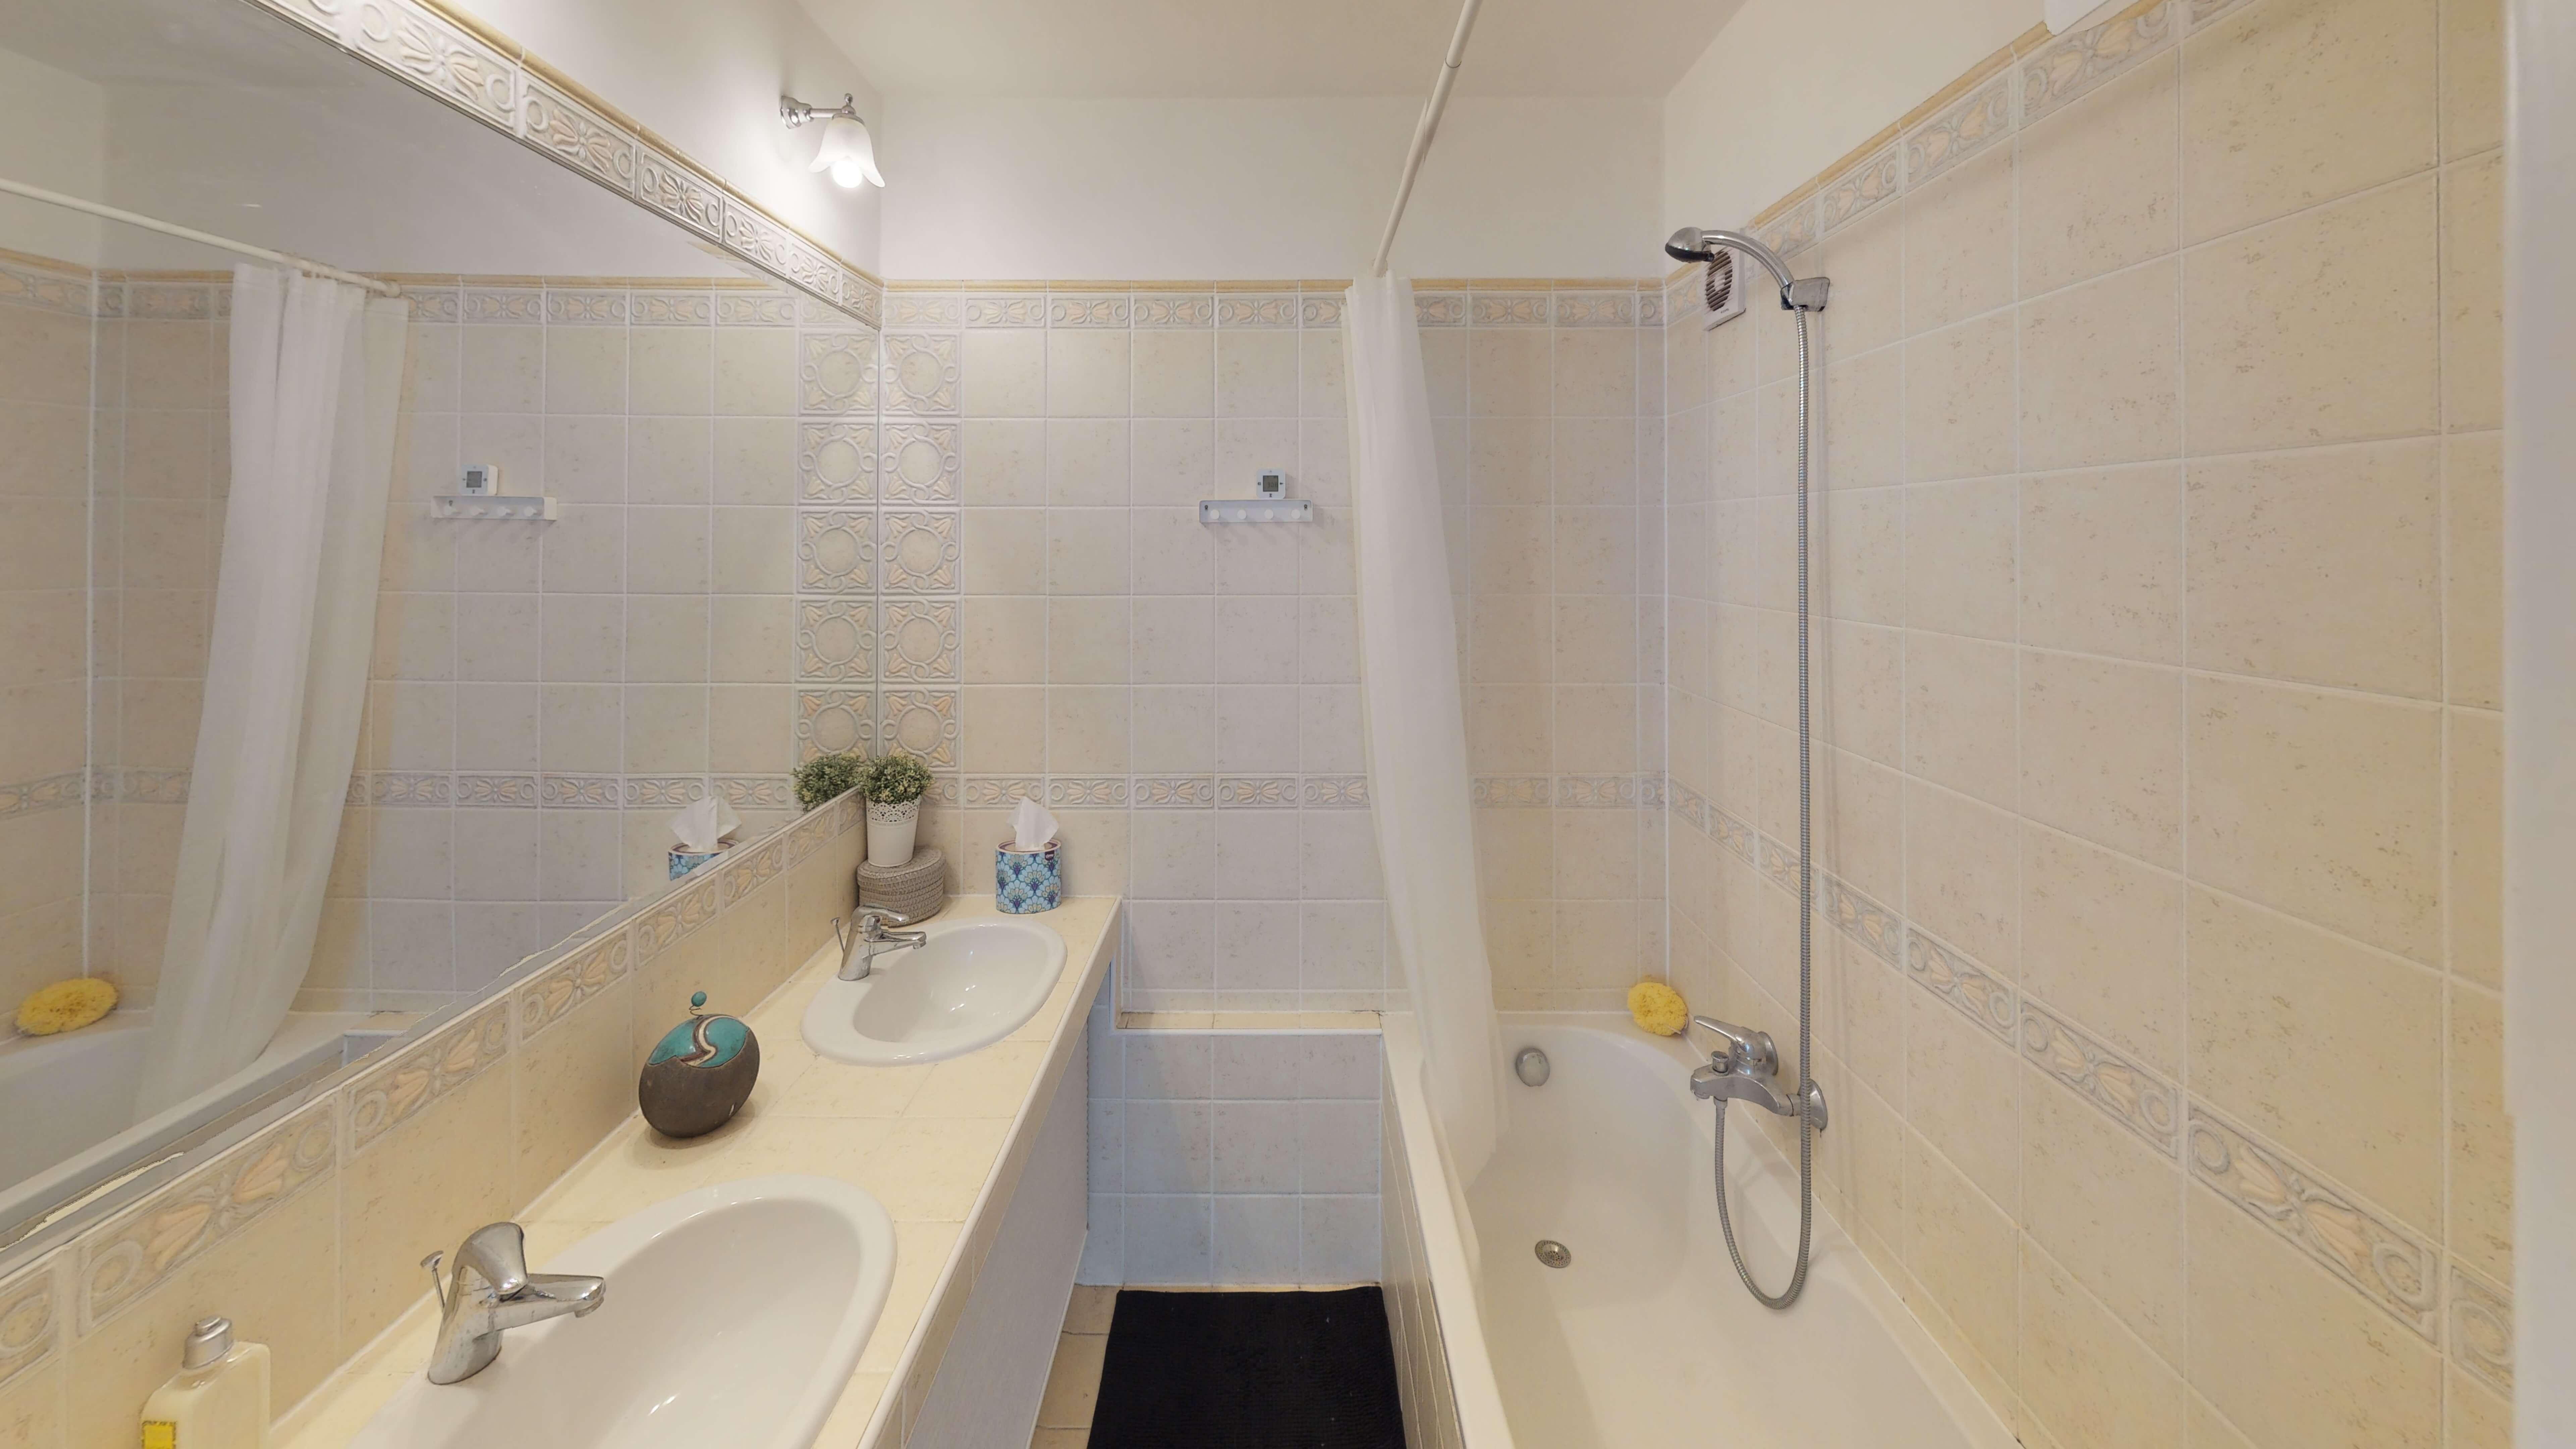 Predané Predaj exkluzívneho 3 izb. bytu,v Ružinove, ulica Palkovičová, blízko Trhoviska Miletičky v Bratislave, 68m2, kompletne zariadený-13